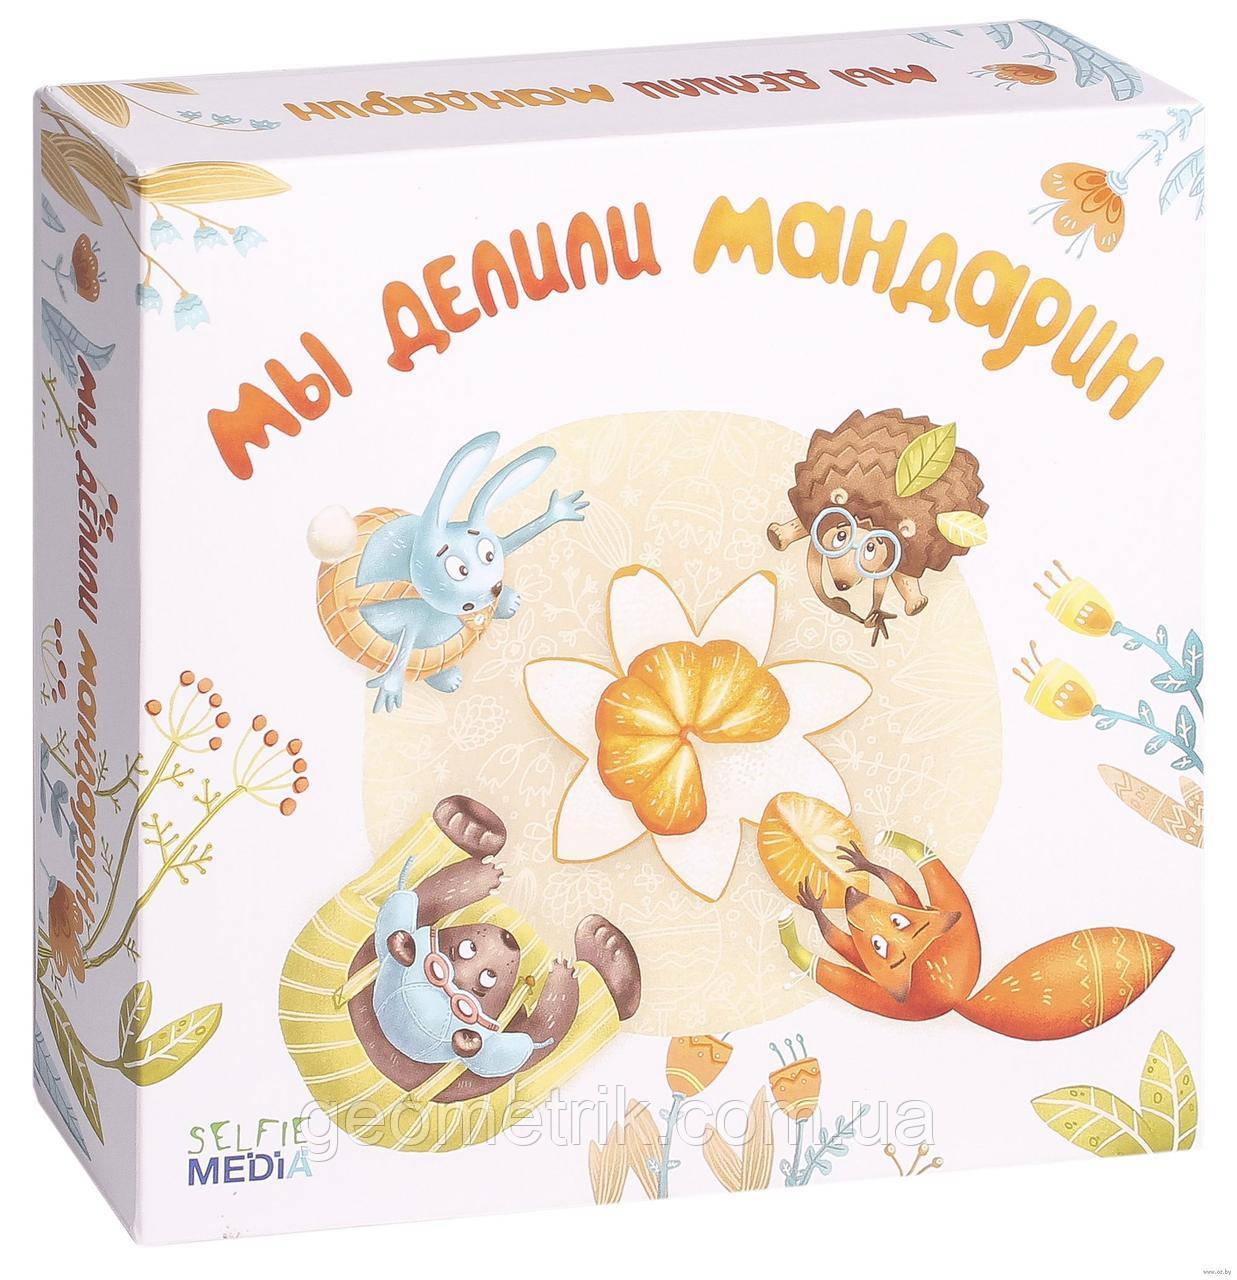 """Настольная игра """"Мы делили мандарин"""" арт.41757"""